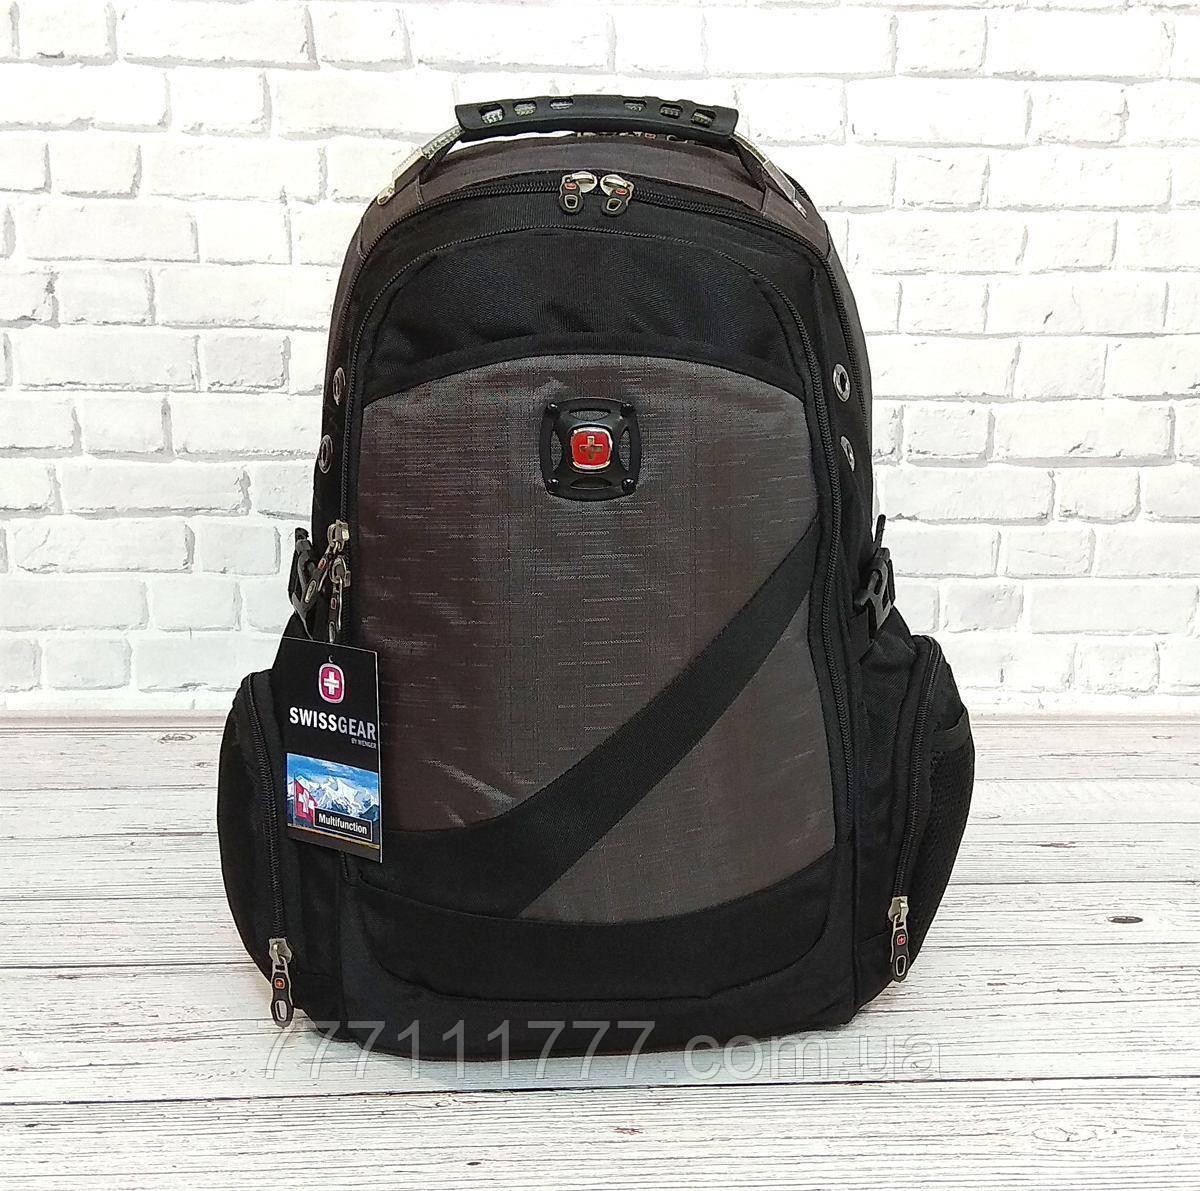 1fed176fc3d3 Спортивный рюкзак SwissGear Wenger Черный с серым + Дождевик ...